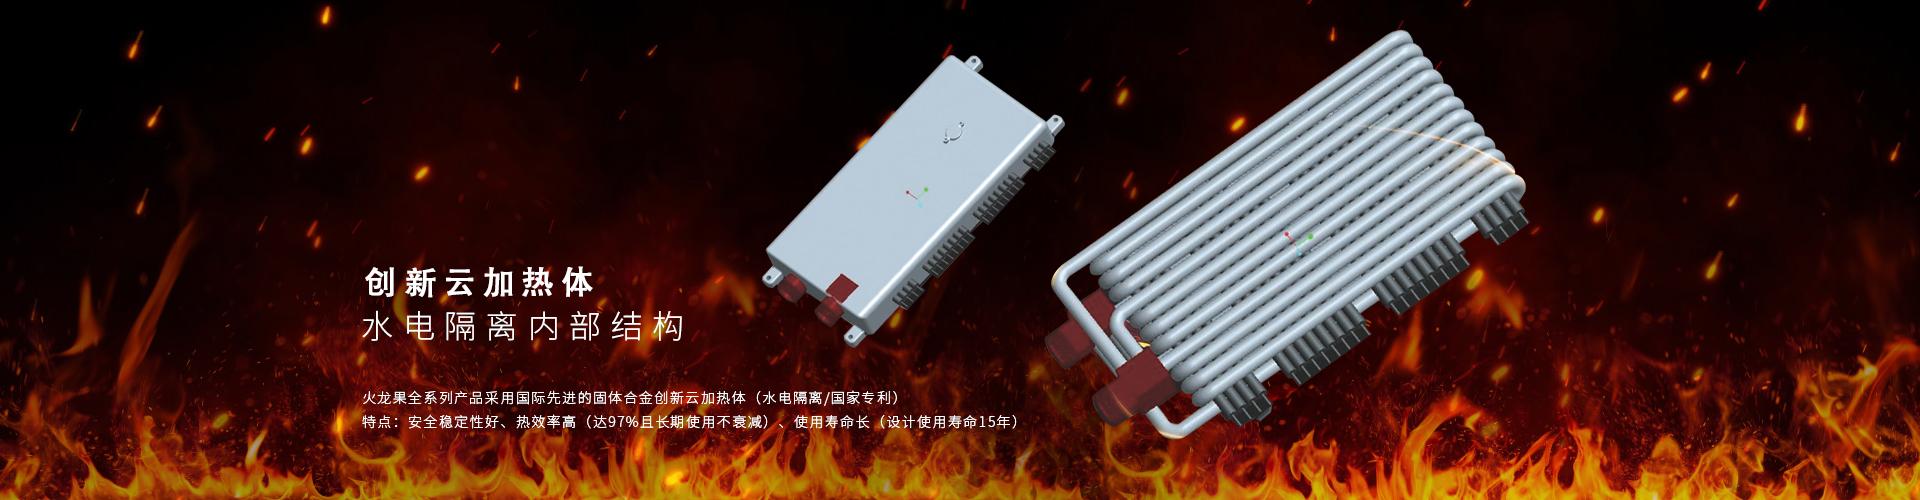 中山市中暖熱能科技有限公司